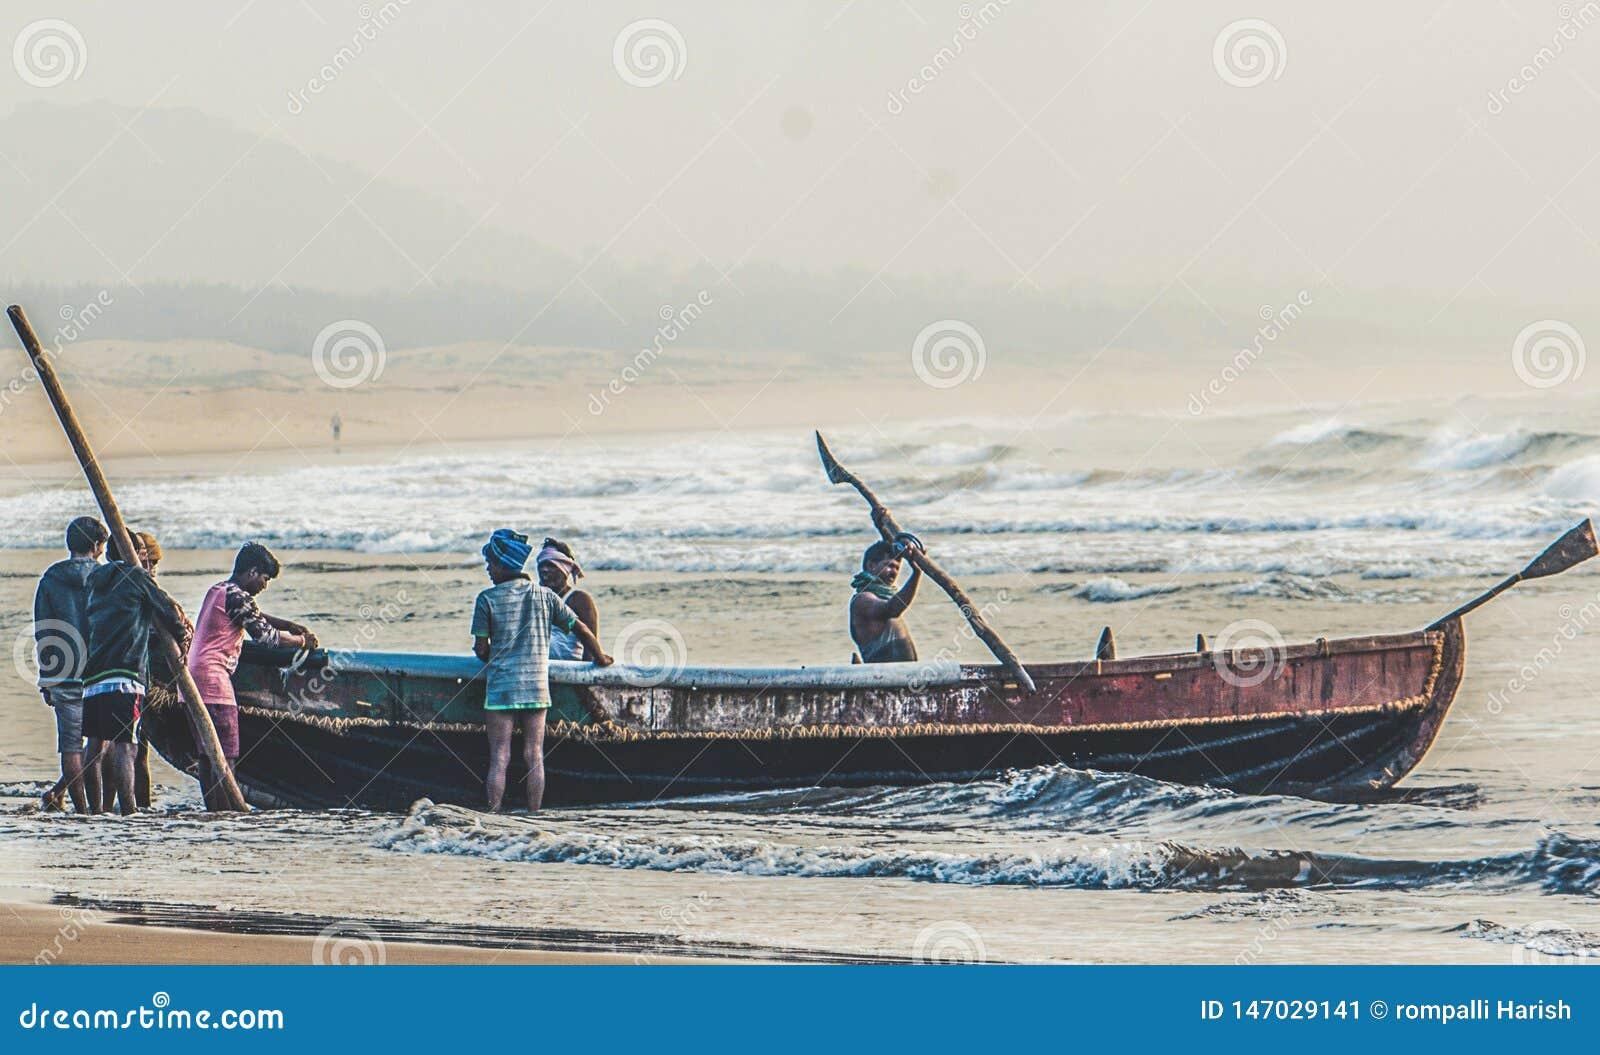 El hardwork de fishermans en la pesca en el océano